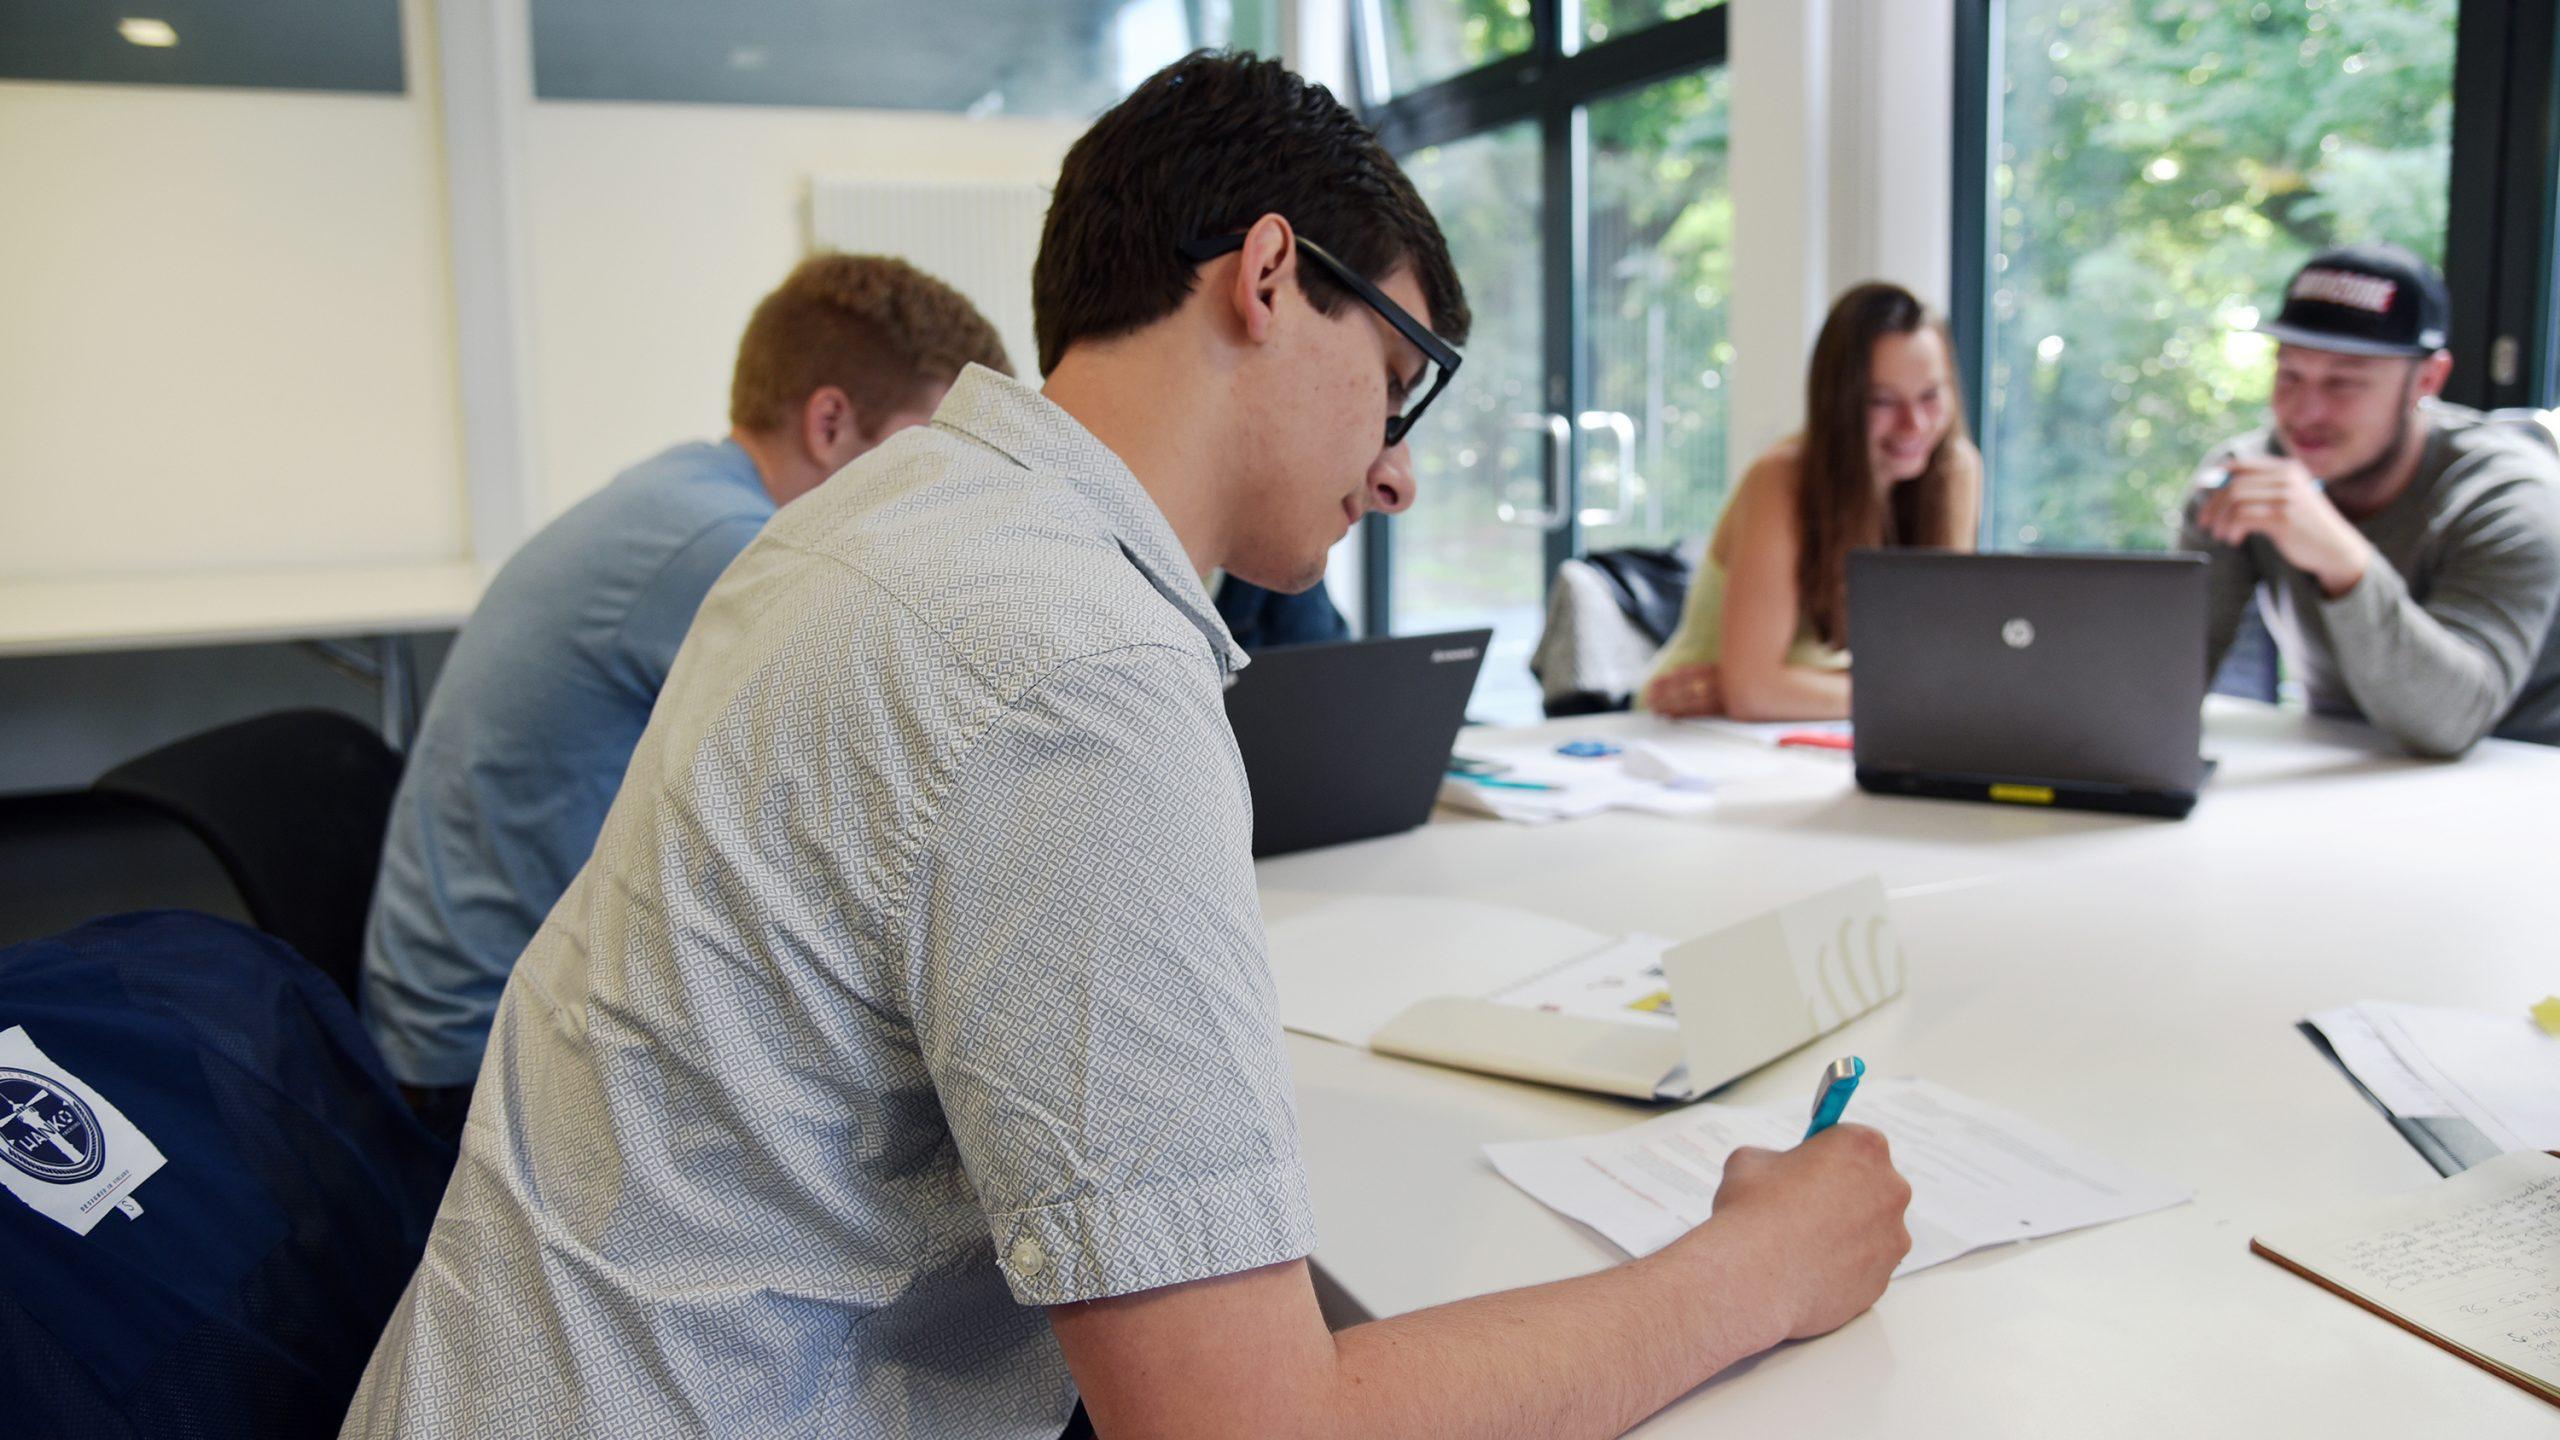 Sonderpädagogik, Inklusive Pädagogik Studieren In verwandt mit Sonderpädagogik Fachhochschule